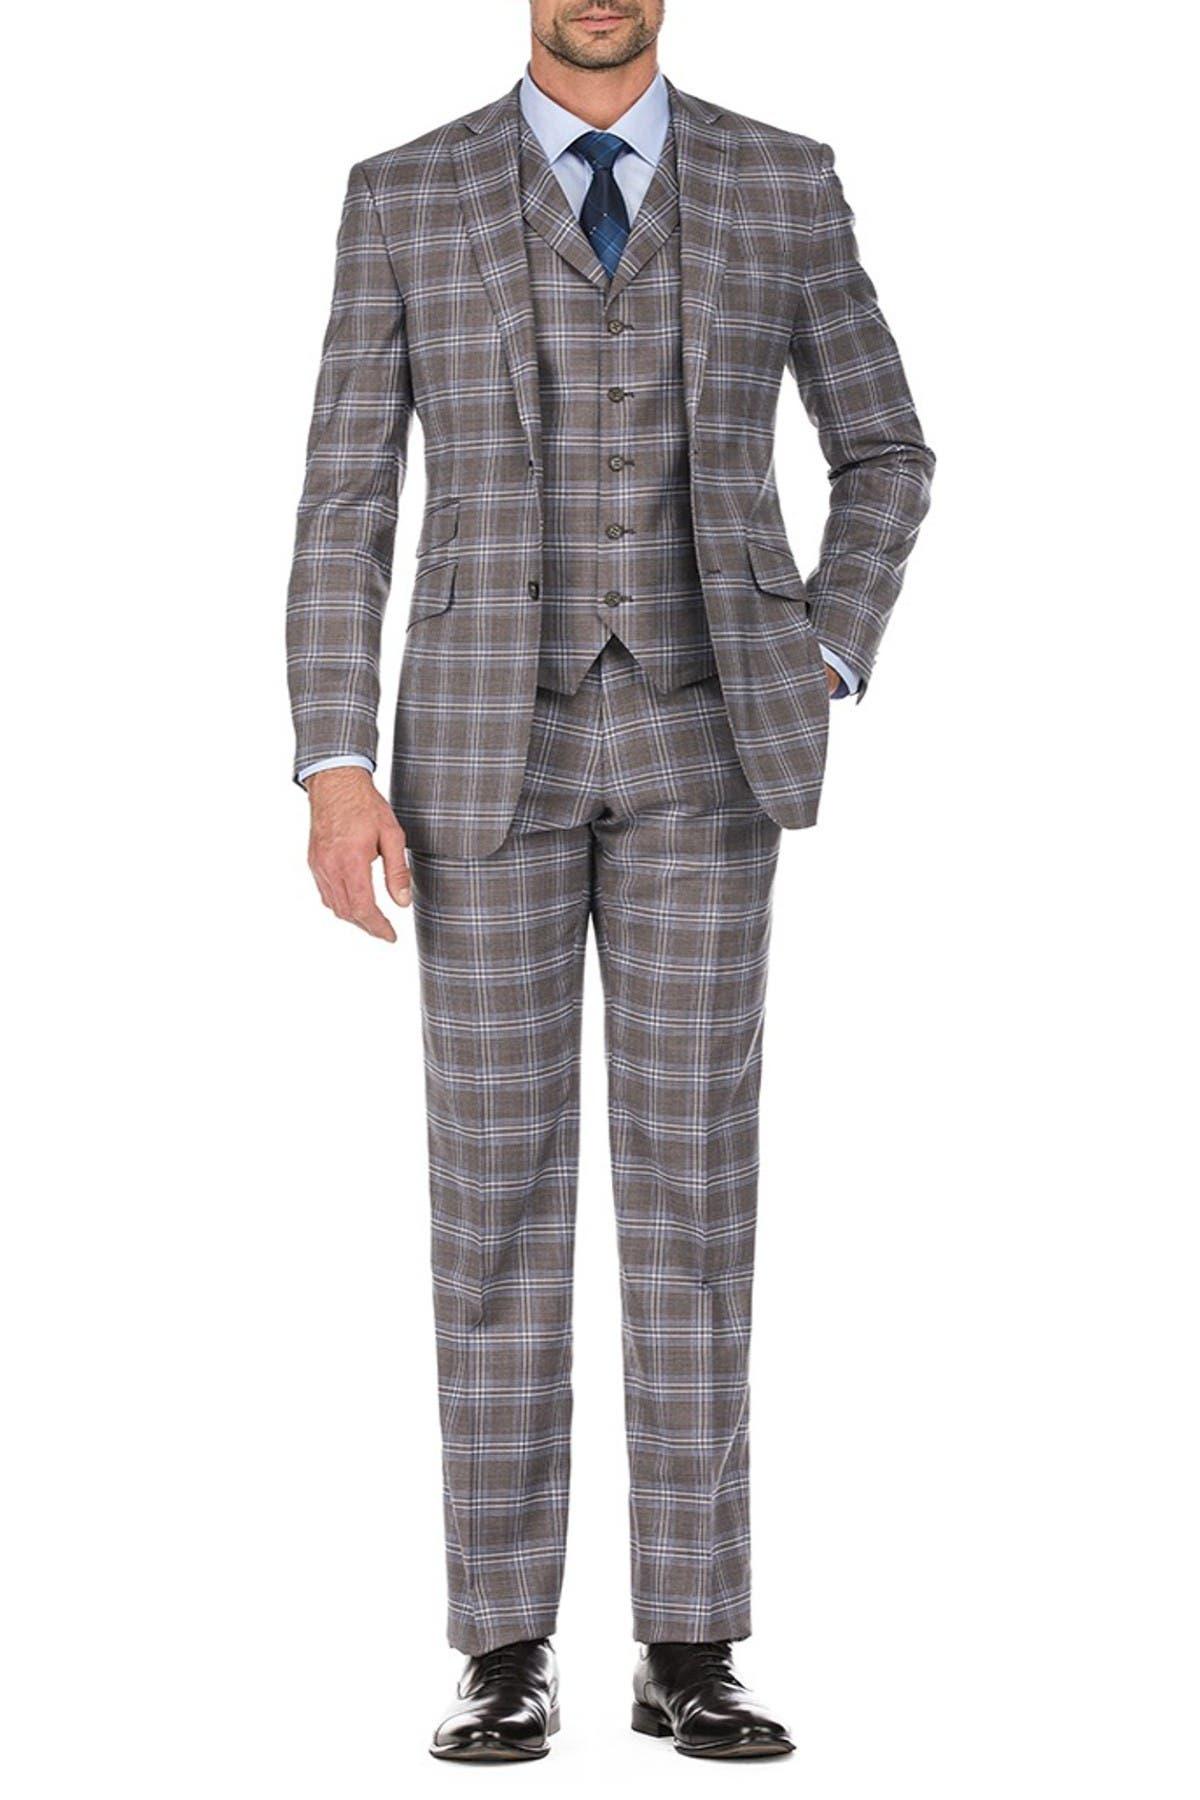 Image of English Laundry Brown Plaid Two Button Notch Lapel Slim Fit Vest Suit